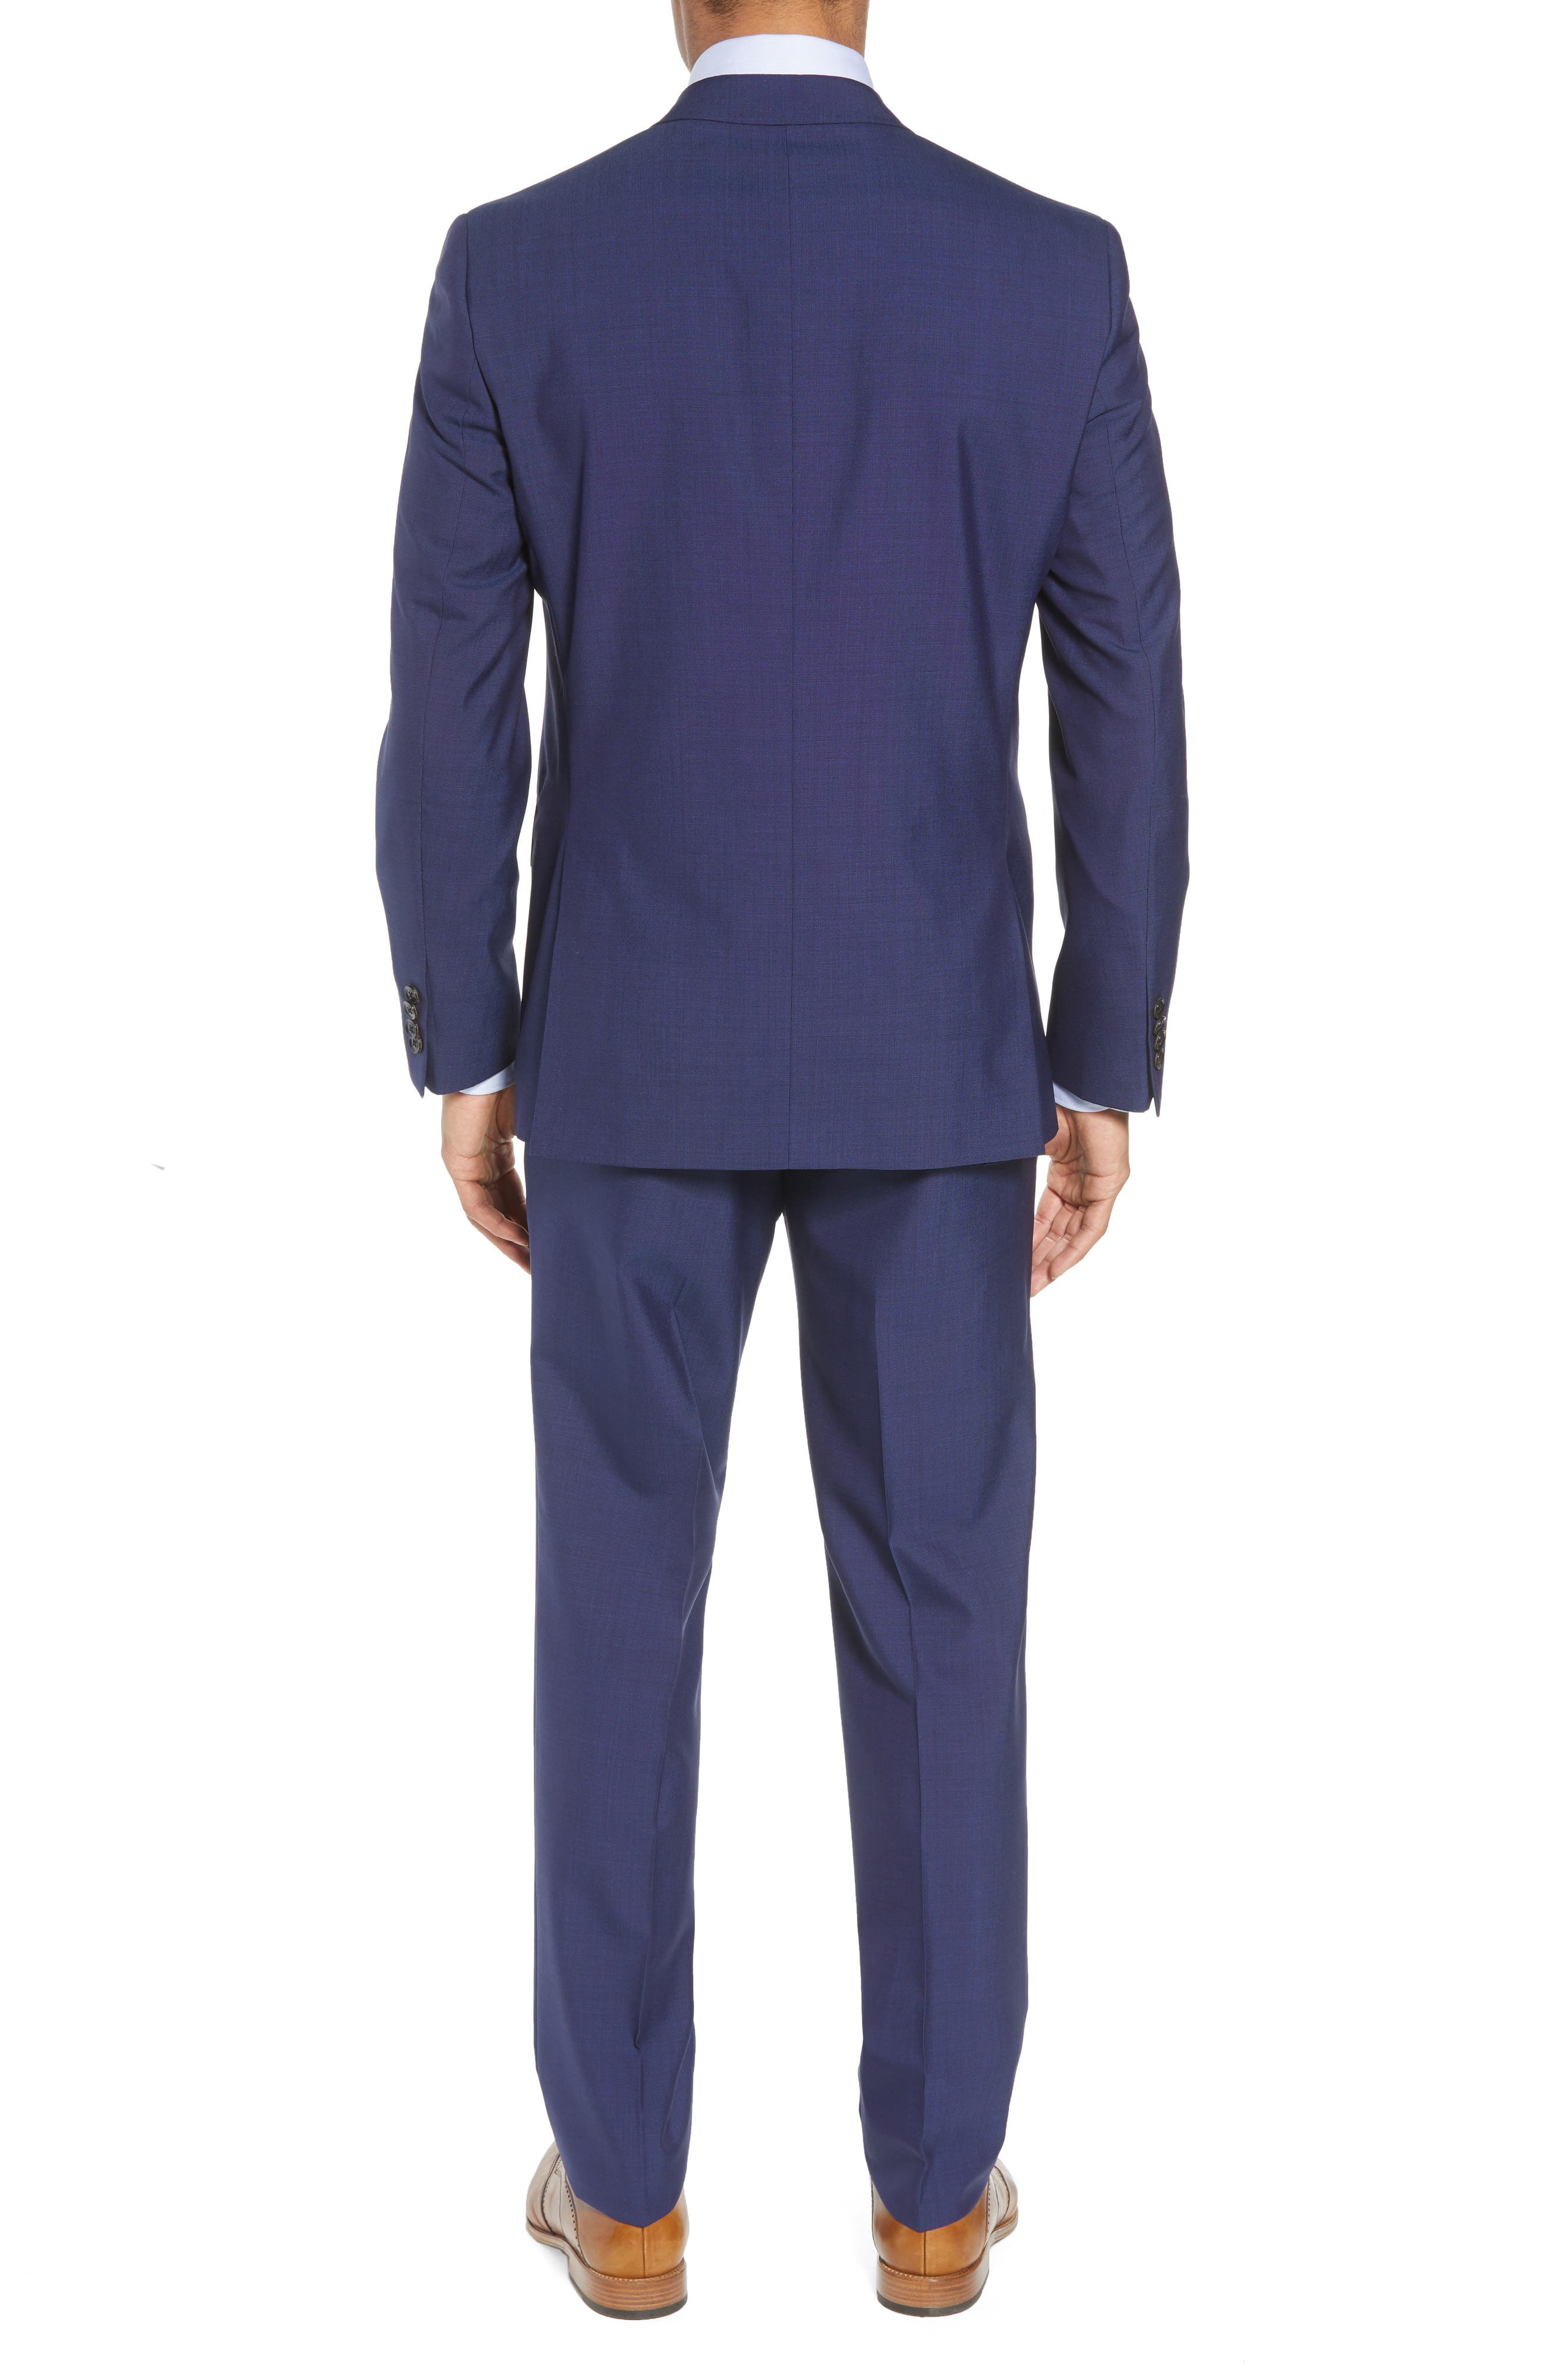 Jay Trim Fit Suit,                             Alternate thumbnail 2, color,                             BLUE